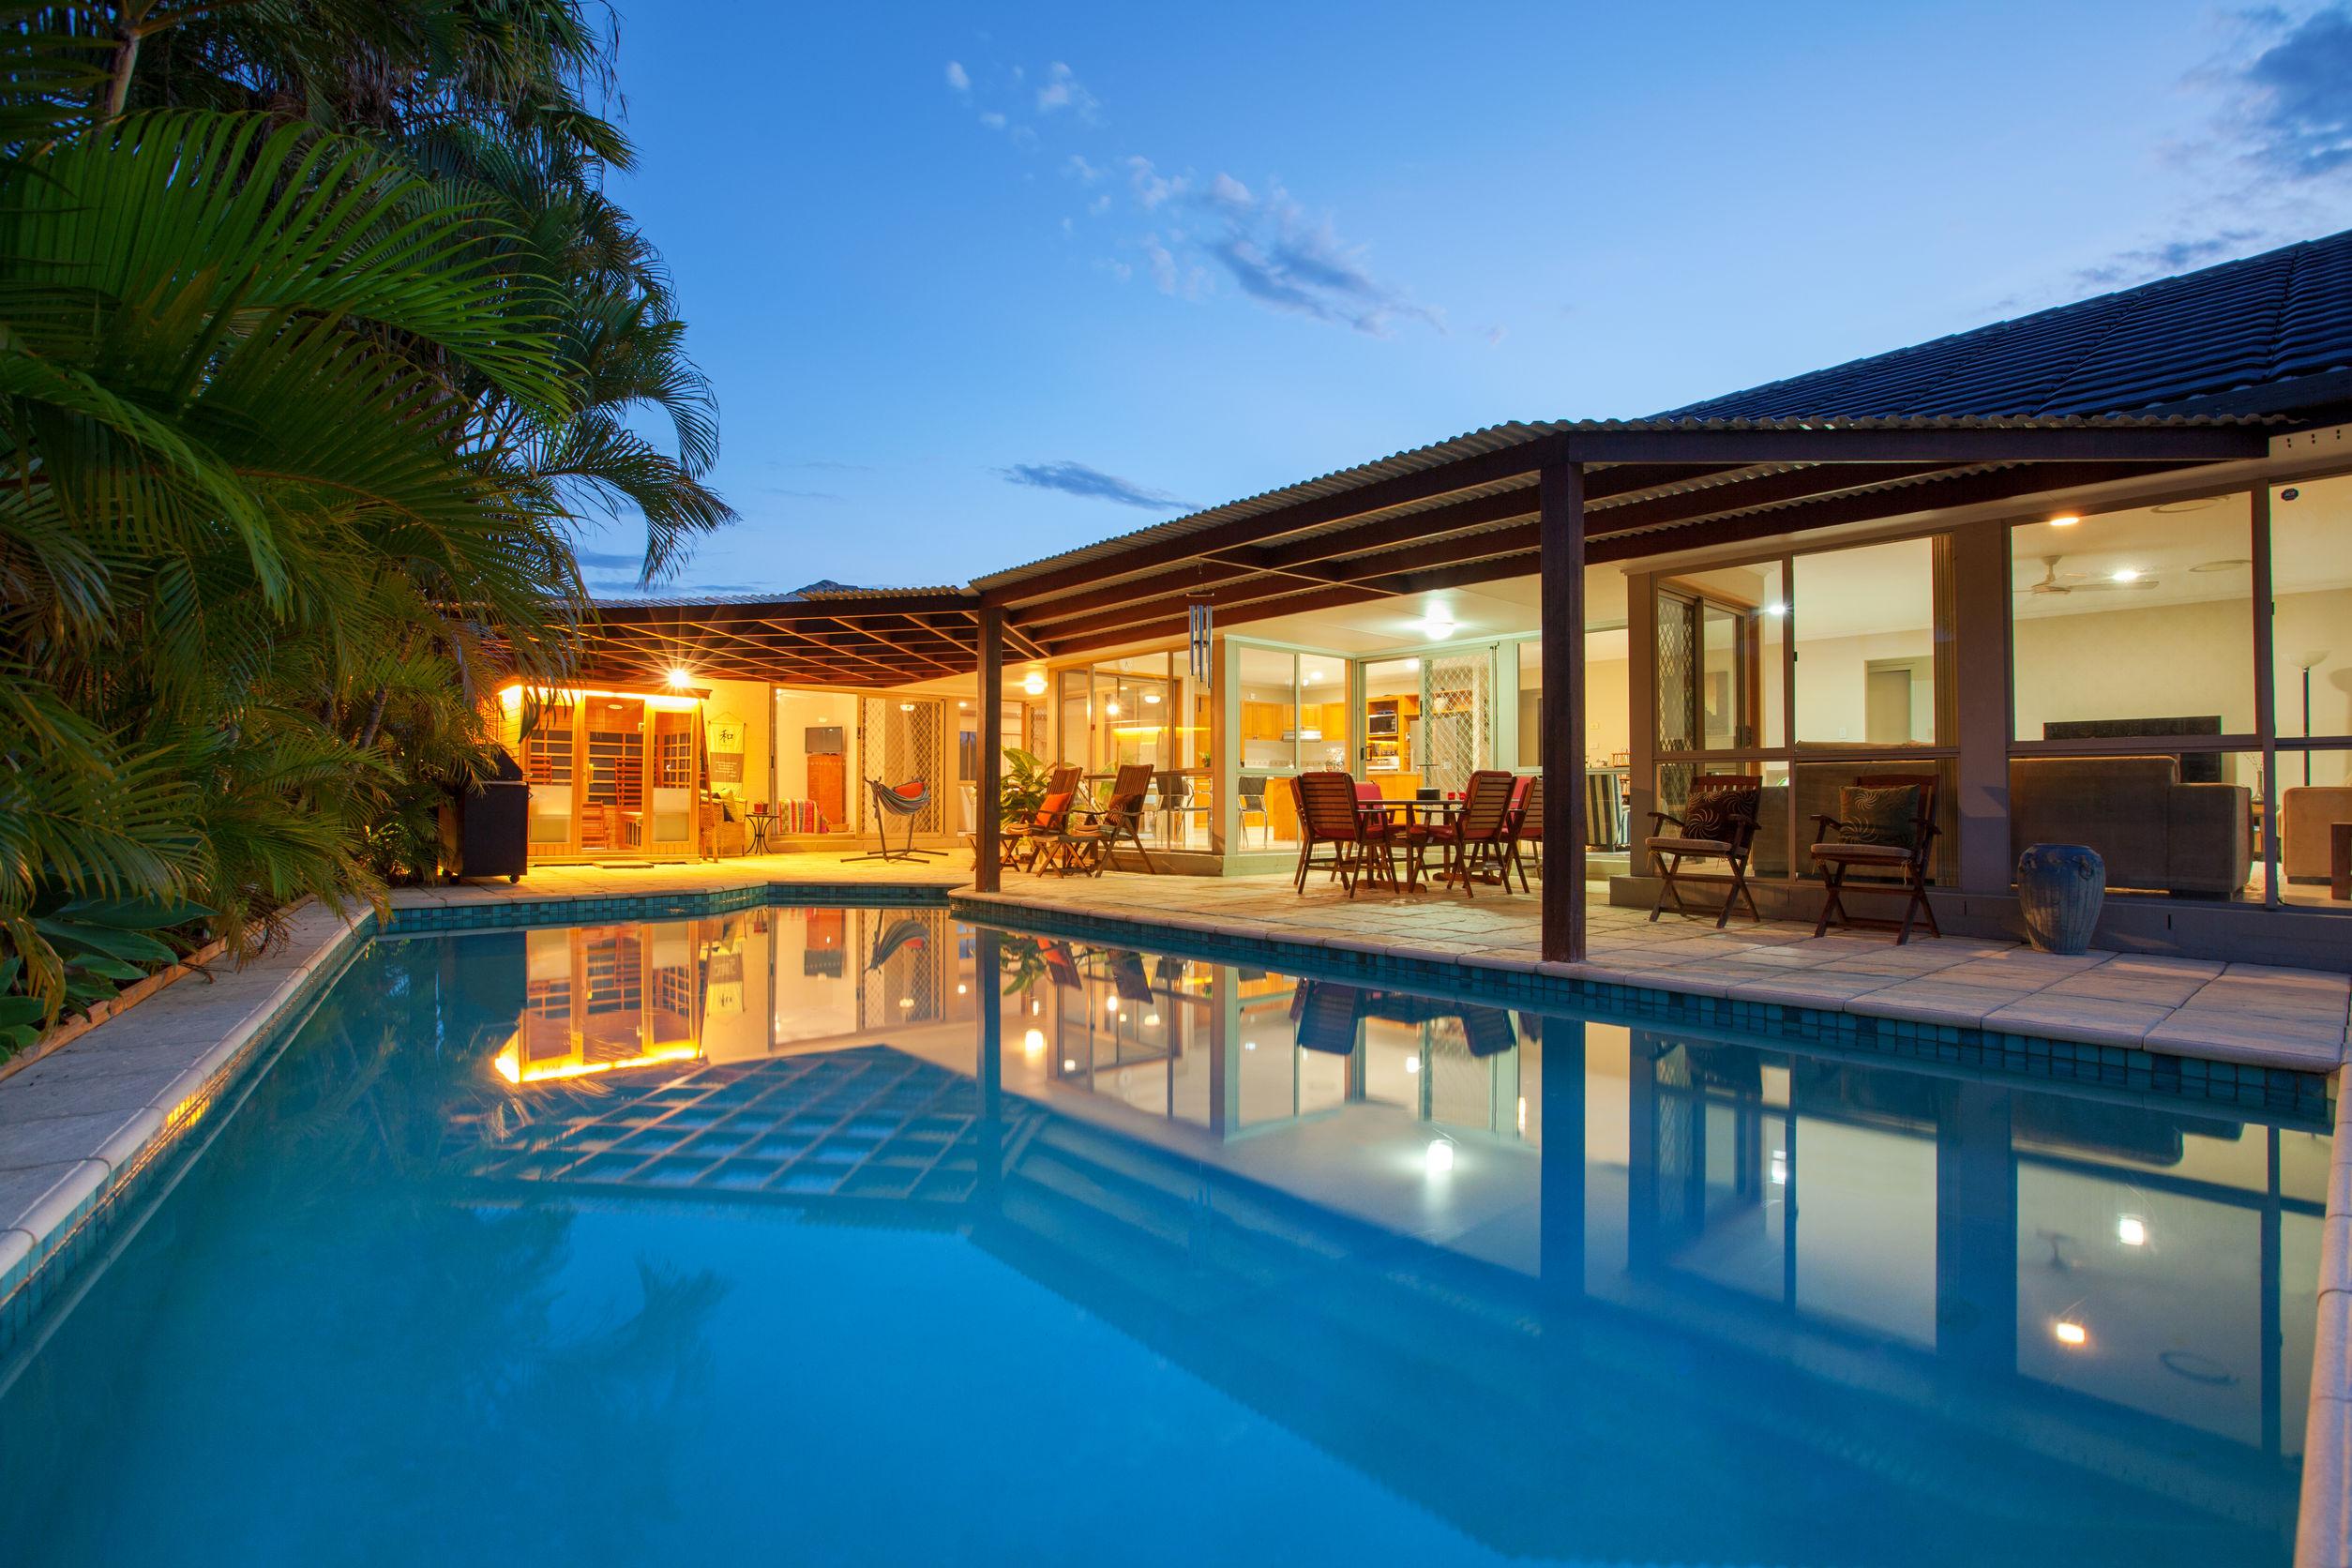 La piscina privada: una gran inversión